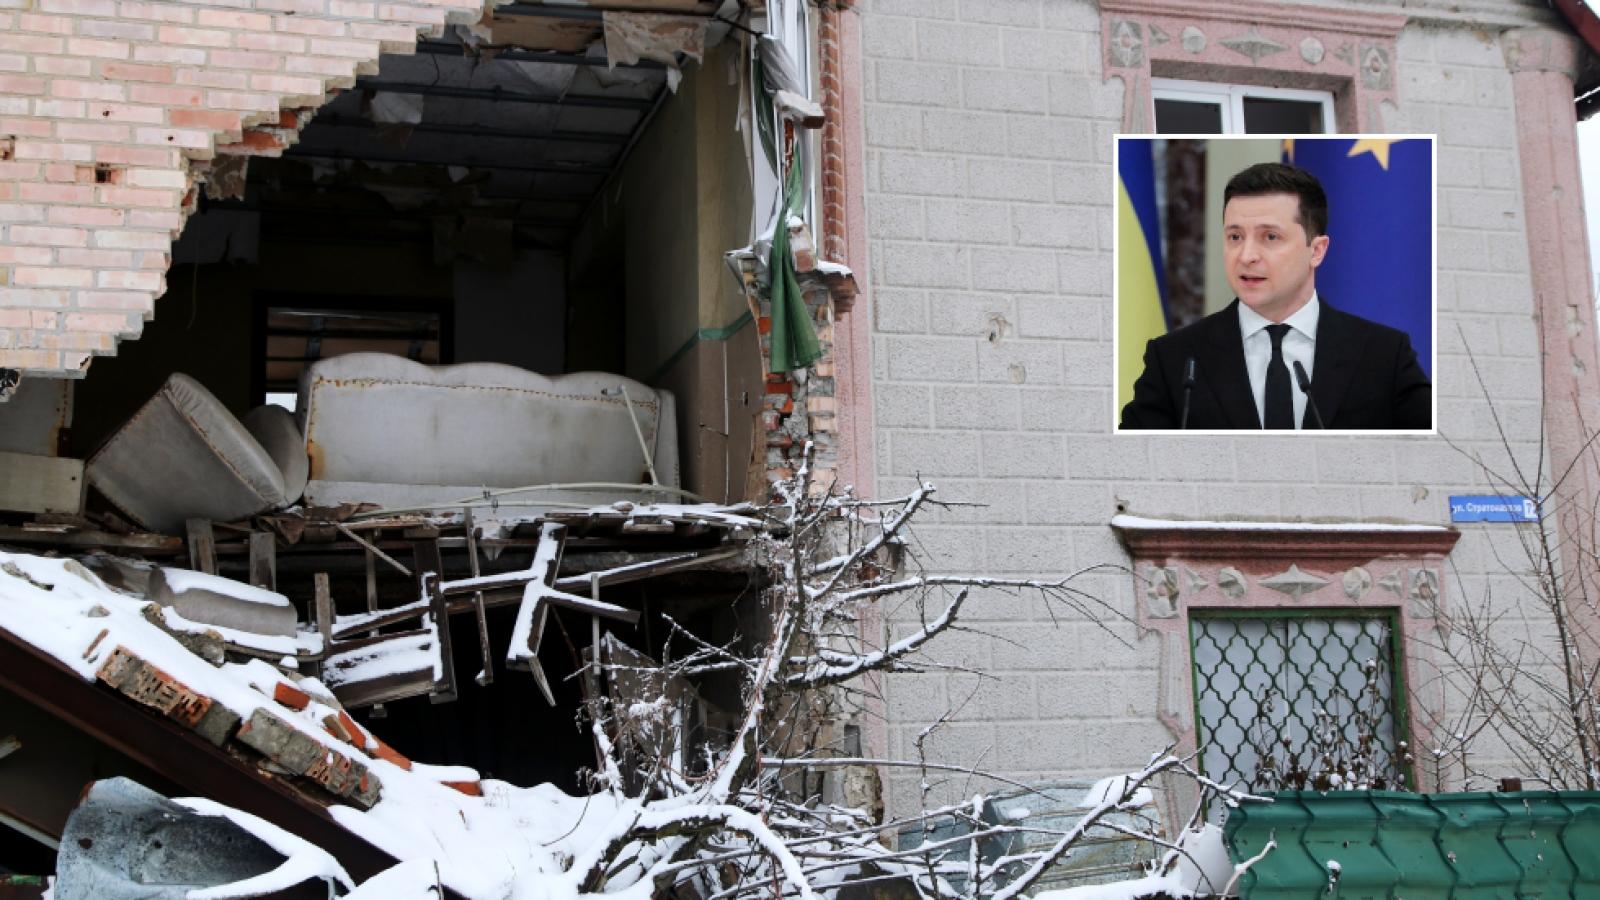 Quan chức Nga: Nếu Ukraine tấn công toàn diện Donbass, Nga sẽ bảo vệ cho người dân